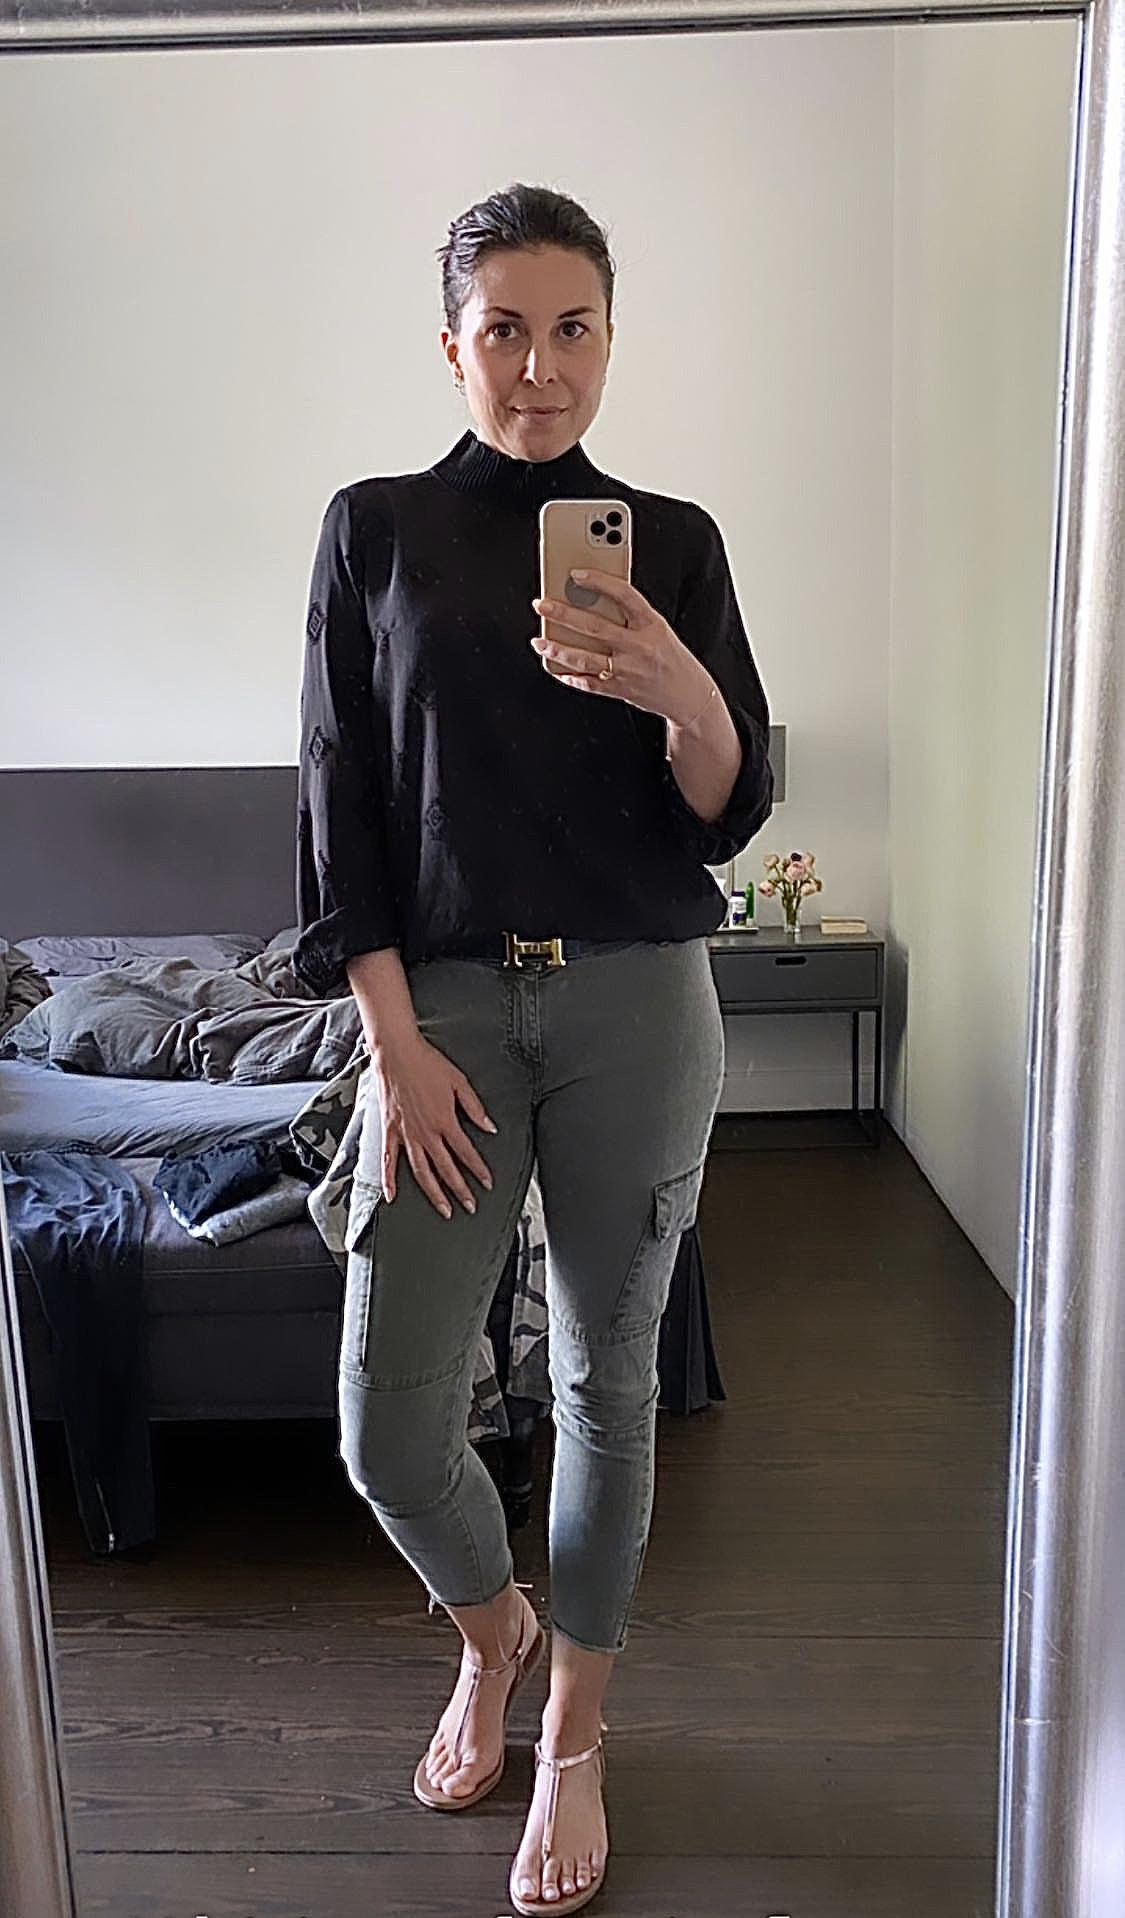 Vanessa Blumhagens Feet